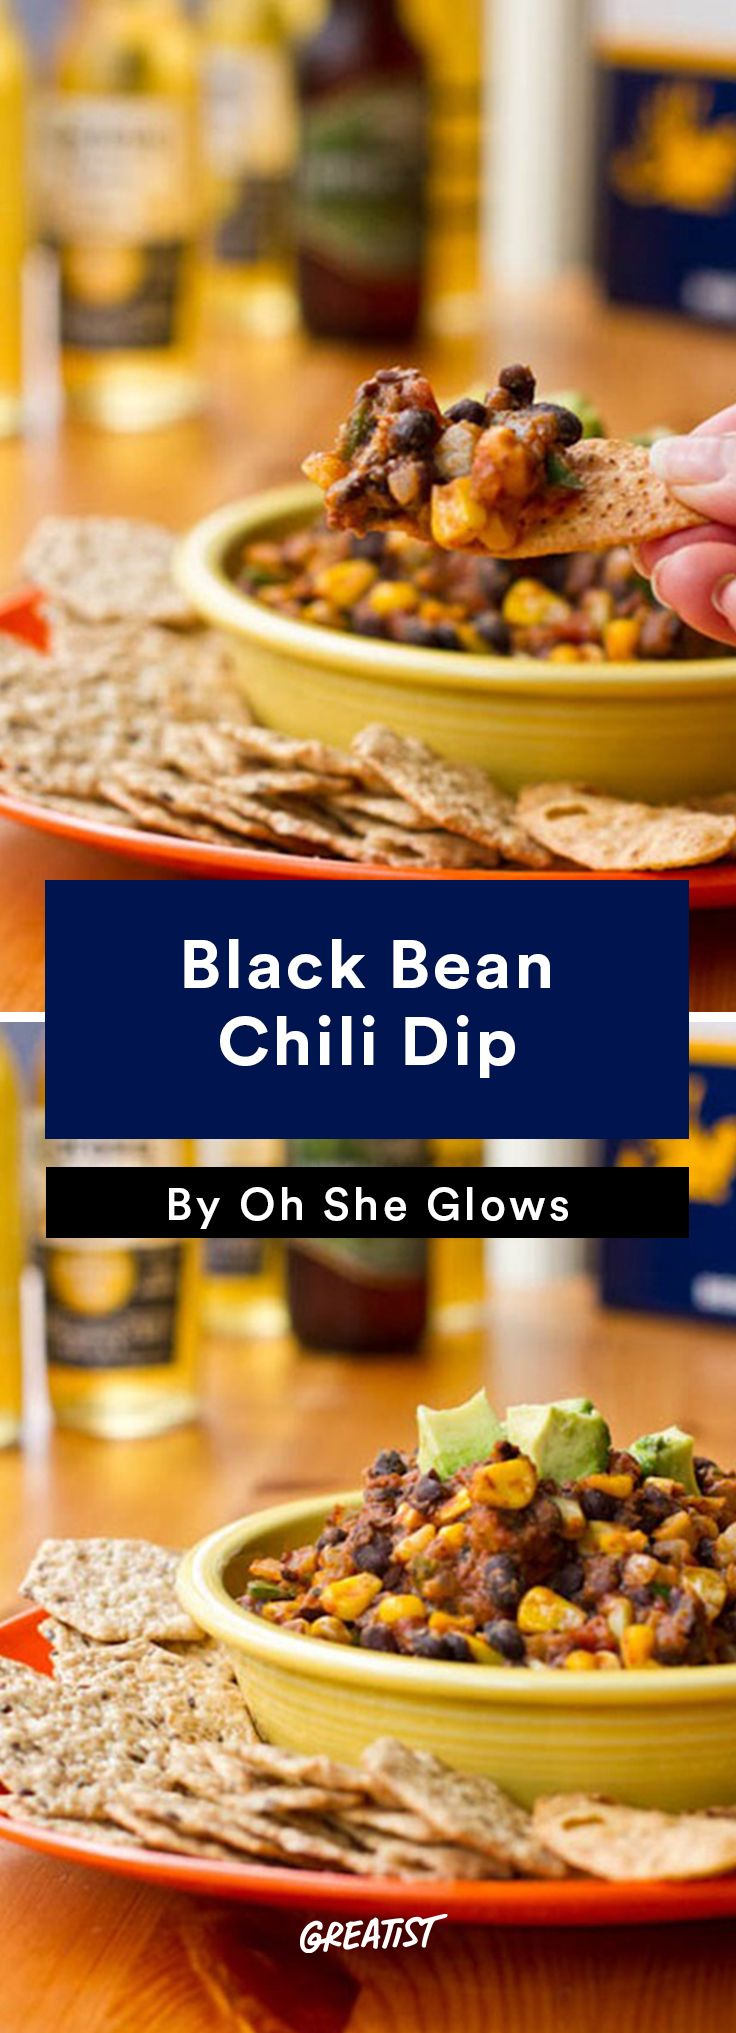 7. Black Bean Chili Dip #vegan #bowl #recipes http://greatist.com/eat/vegan-bowl-recipes-we-cant-get-enough-of